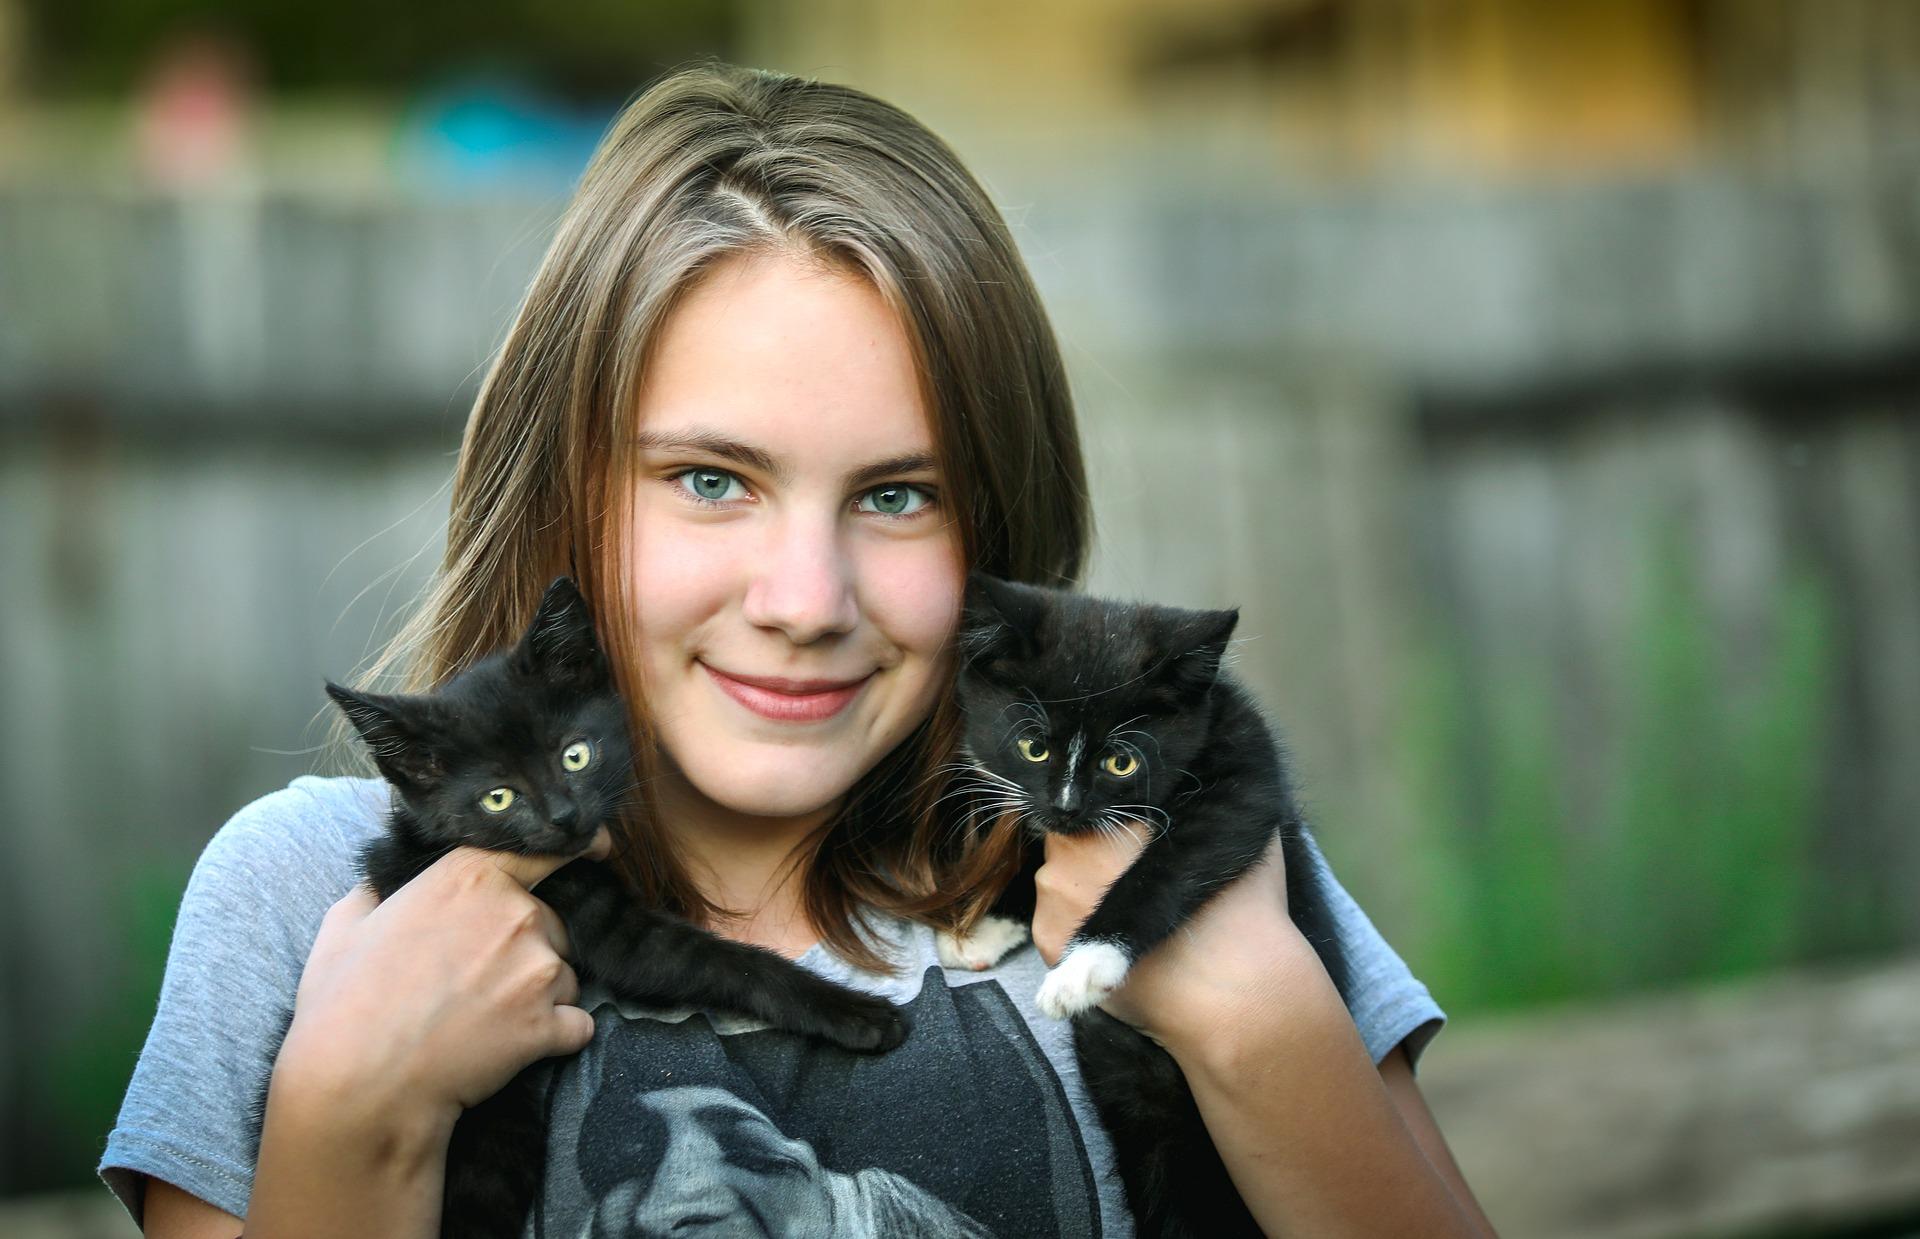 แมวไม่ใช่สัตว์เย็นชา แต่ผูกพันกับเจ้าของเหนียวแน่นไม่แพ้สุนัข-bbcไทย